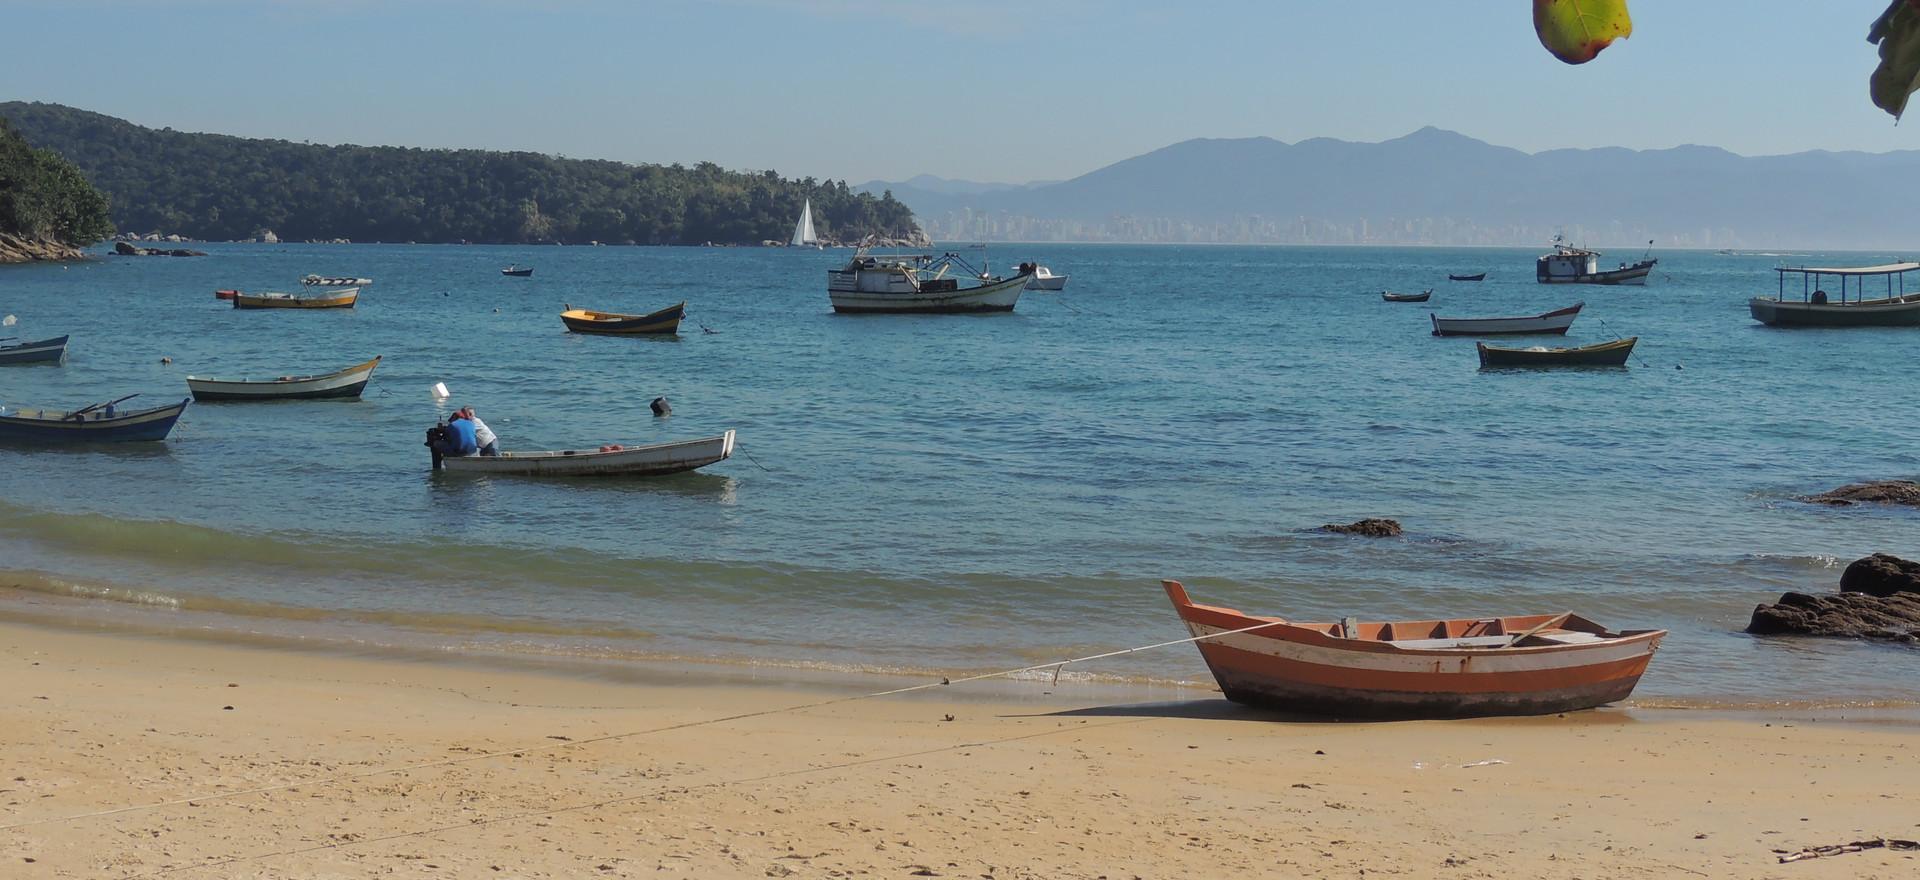 Praia do araça